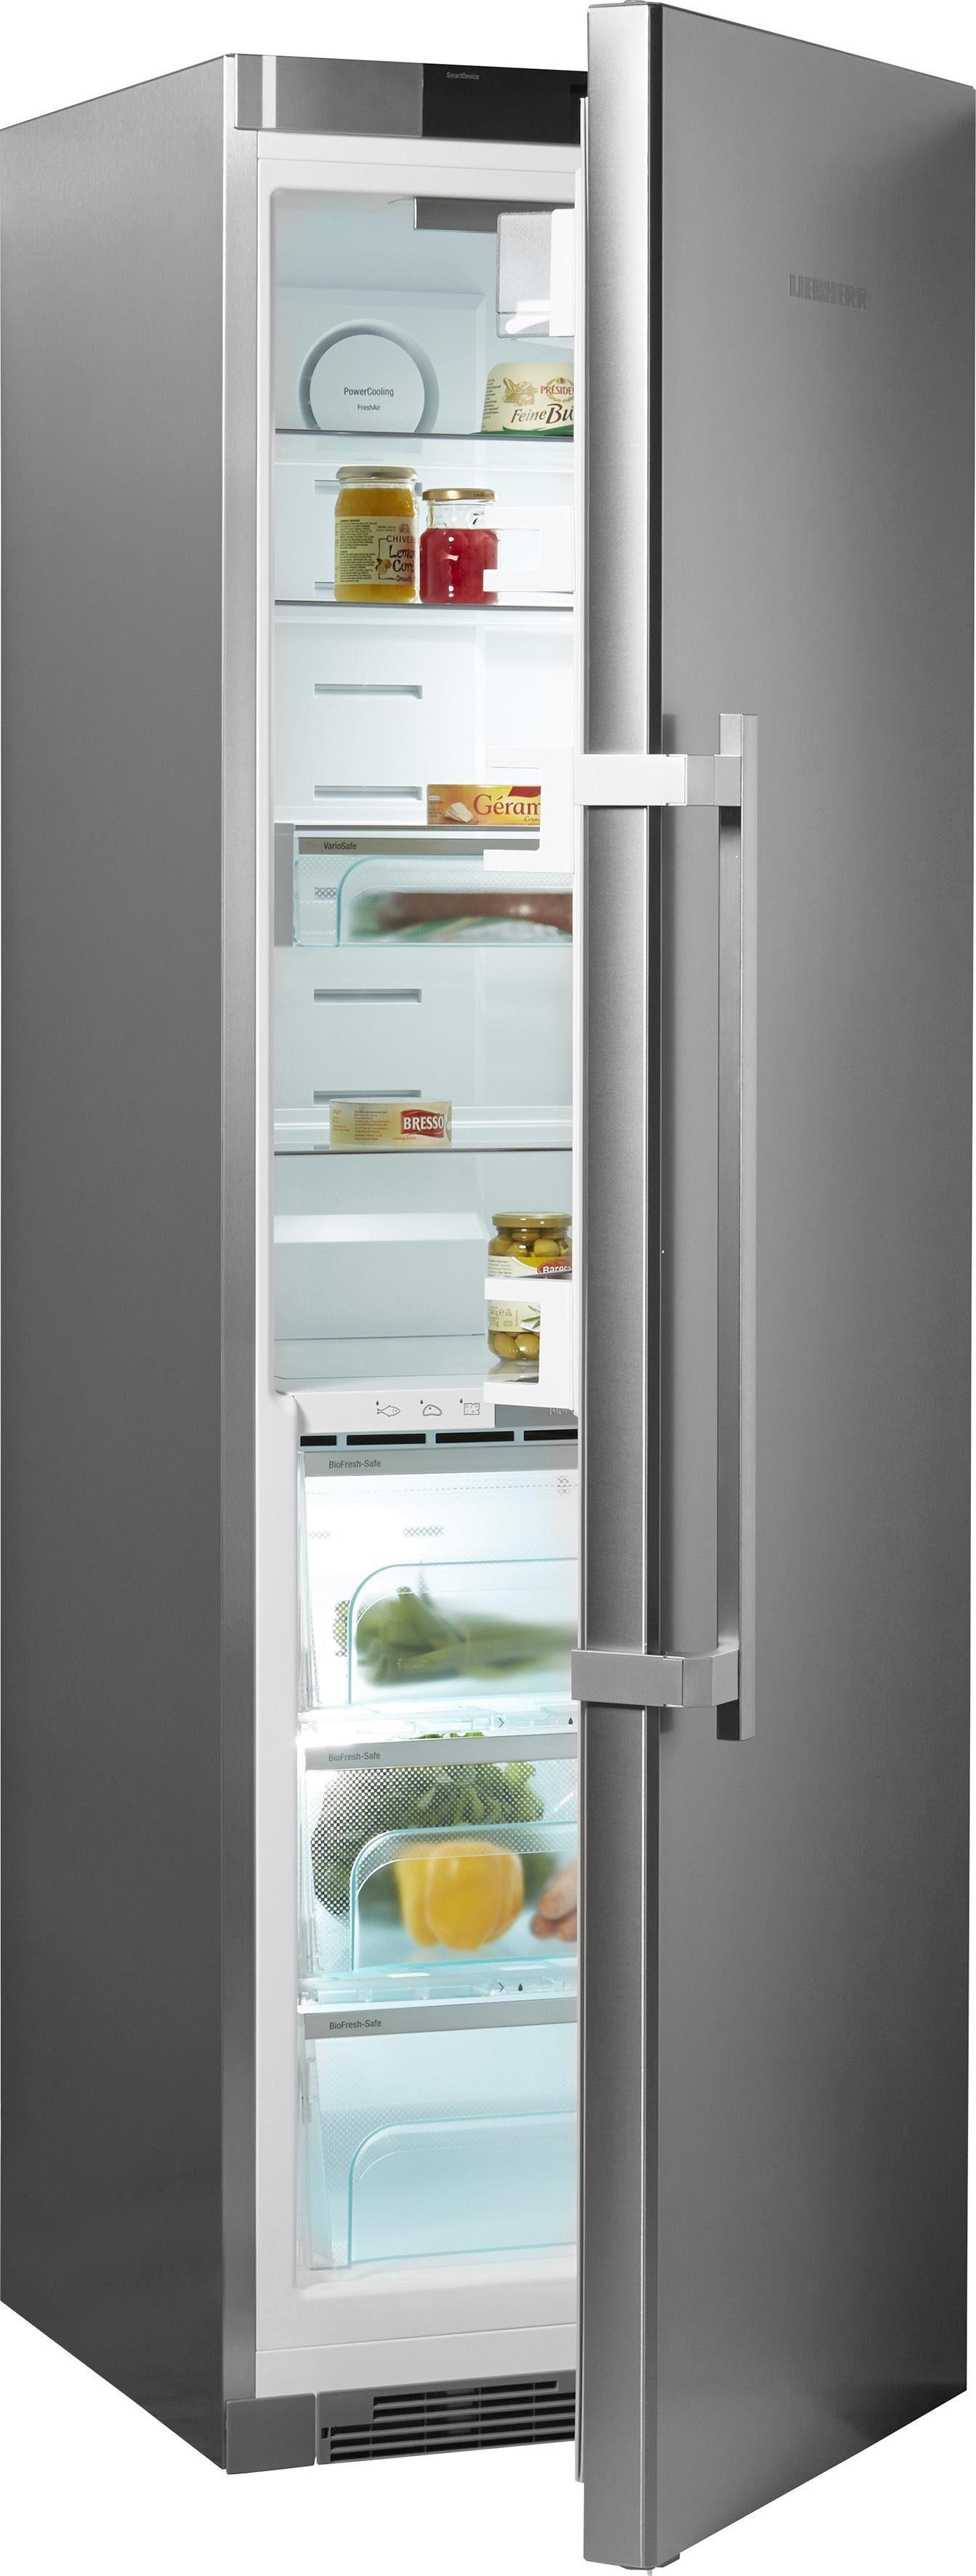 Liebherr Standkühlschrank KBies 4350-20, A+++, 185 cm hoch